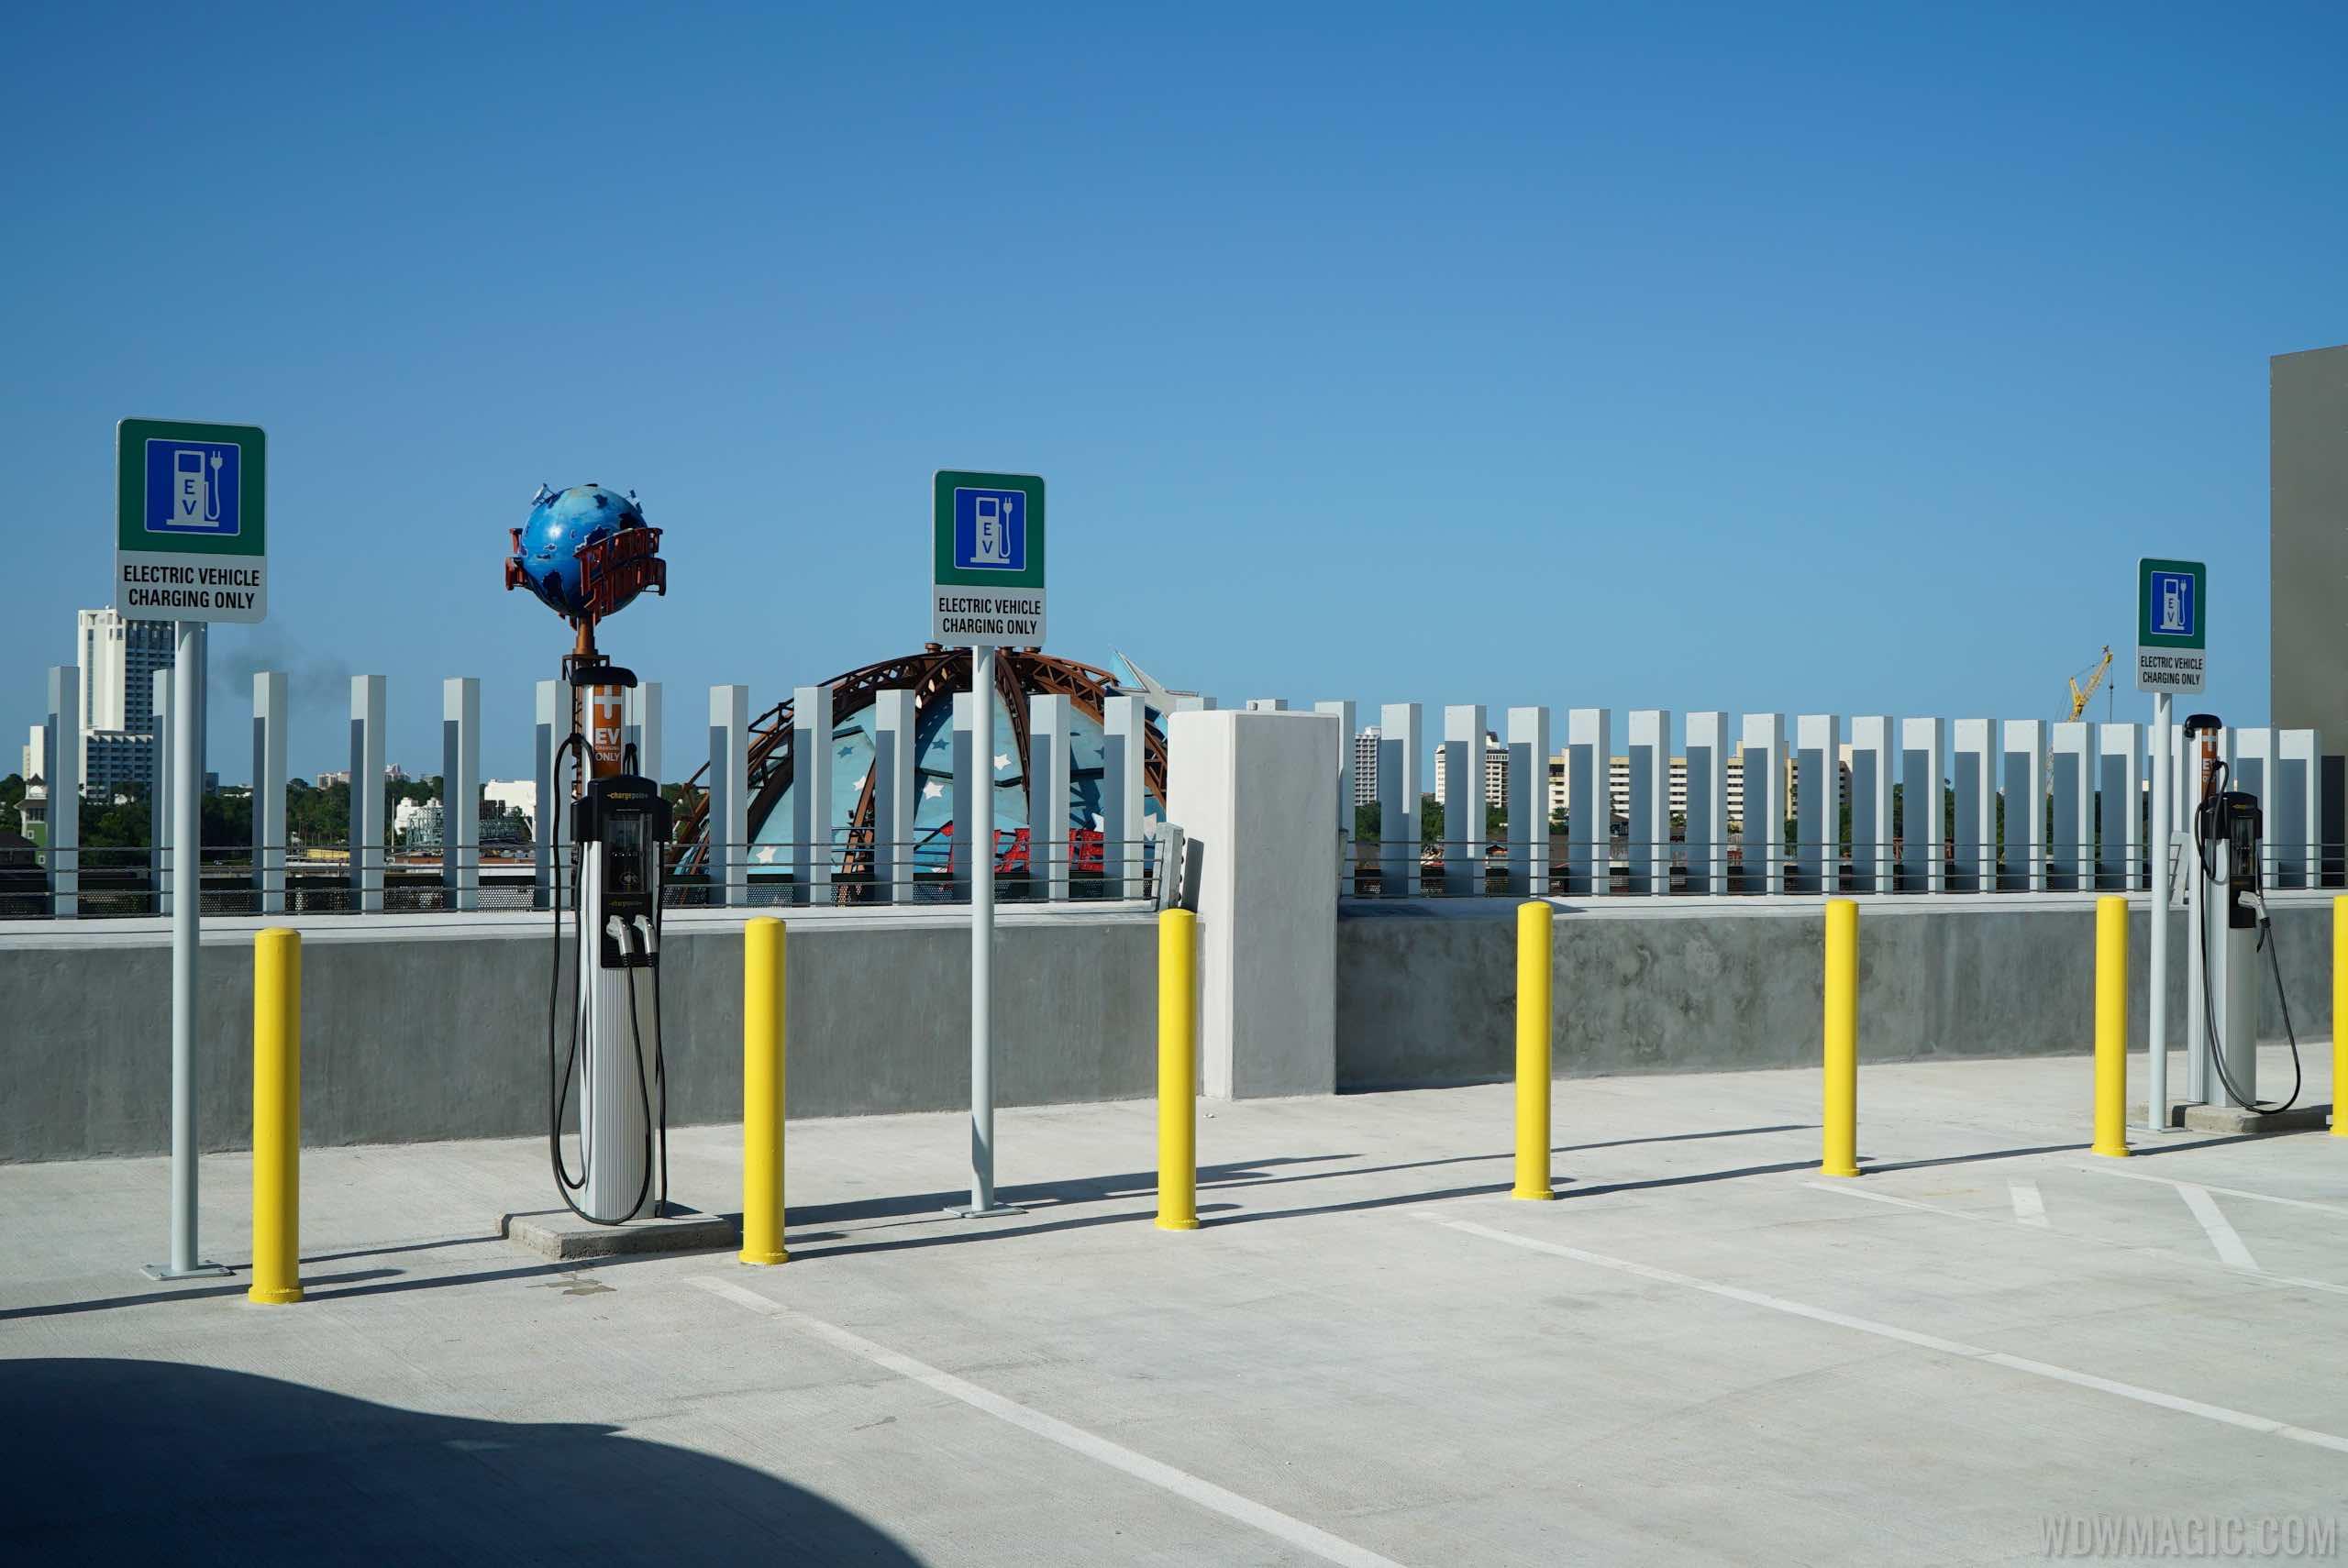 Electric Vehicle EV chargers at Disney Springs Orange Parking Garage